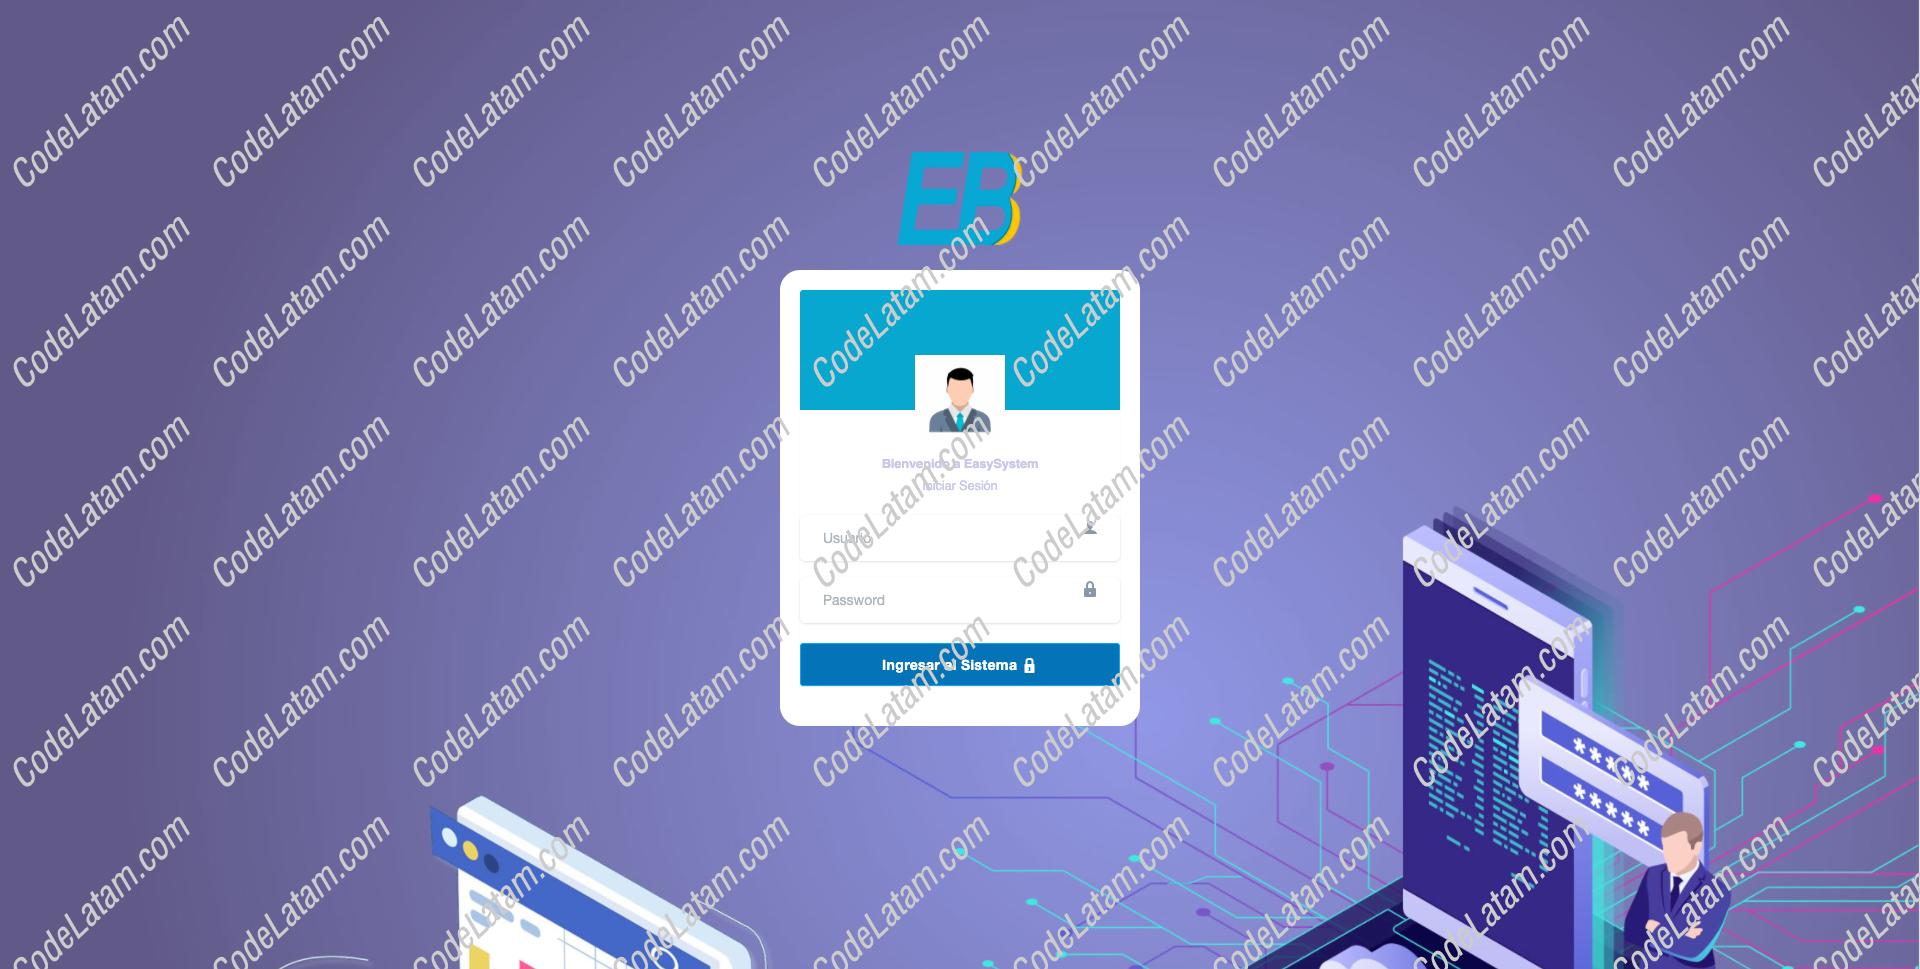 Código Sistema de Inventario, Ventas, Cotizaciones, Compras